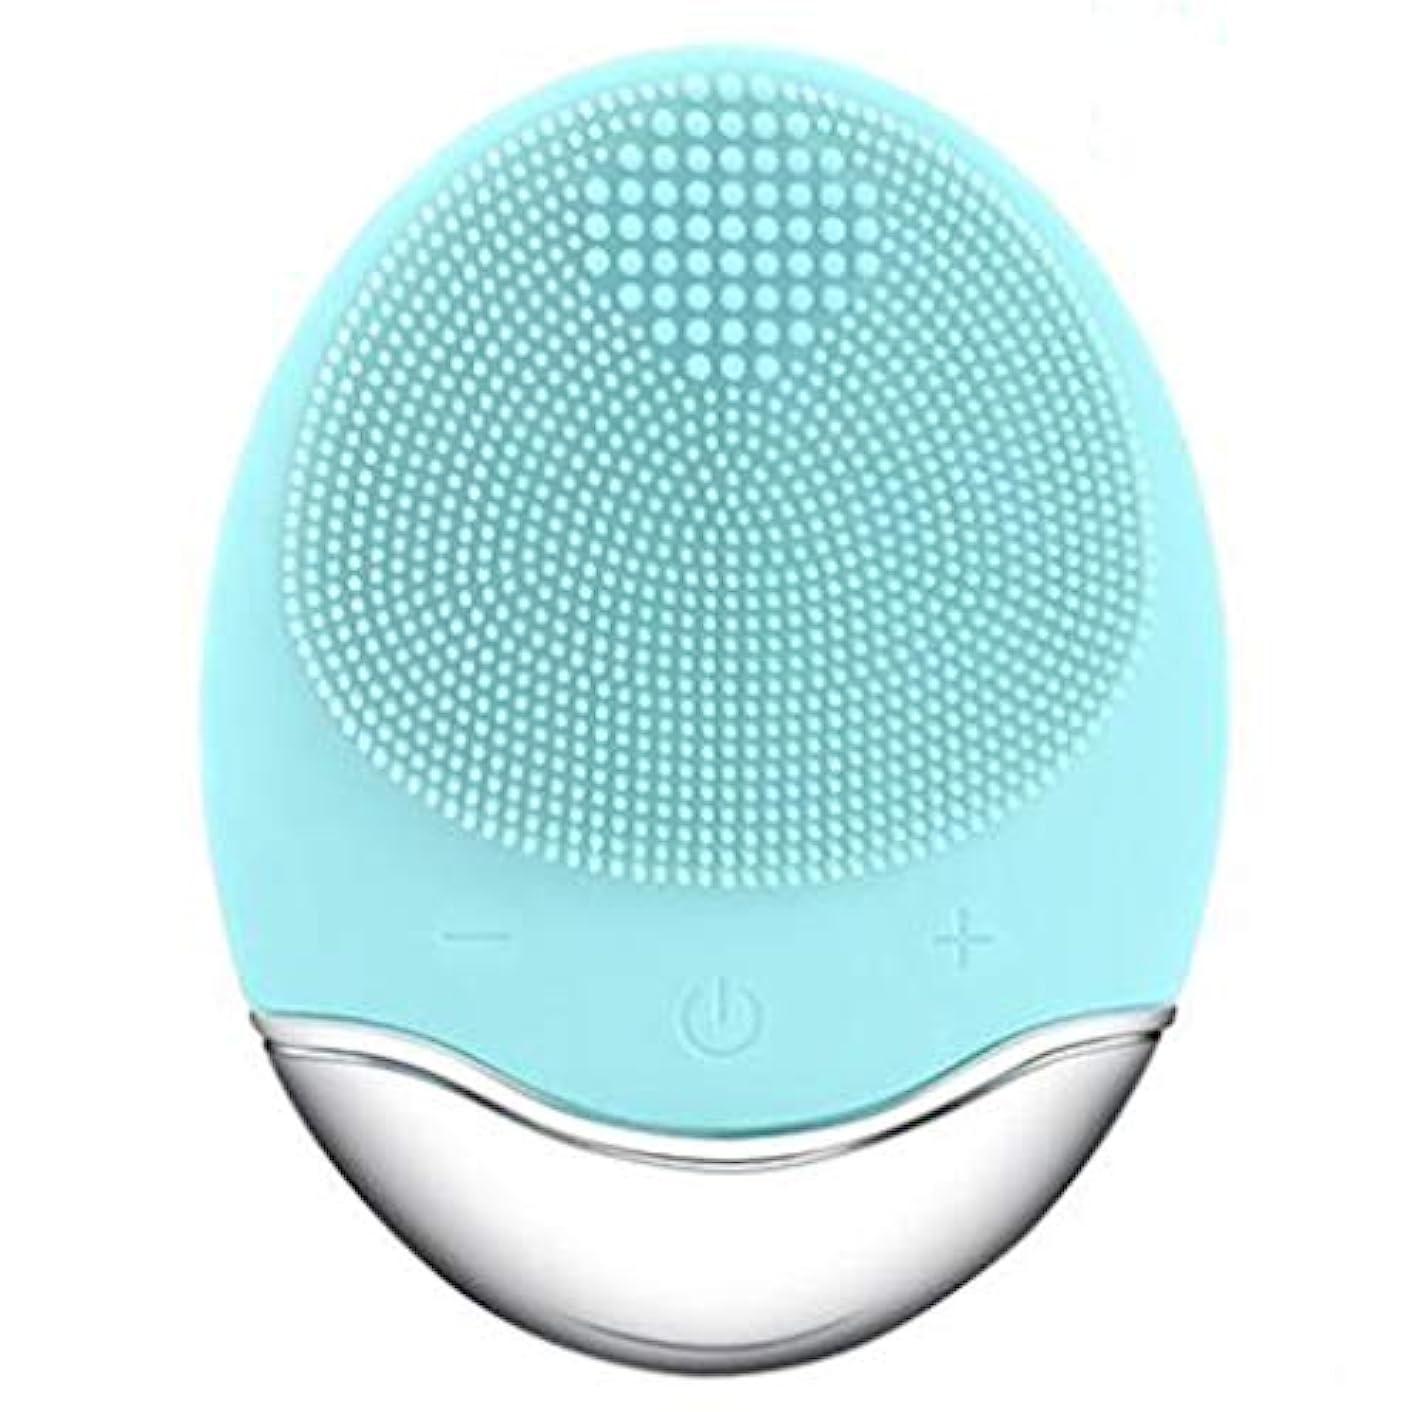 生息地通路起こりやすいシリコーン電気クレンジング器具、洗顔毛穴クリーナーマッサージフェイス、イントロデューサー + クレンジング器具 (1 つ2個),Green